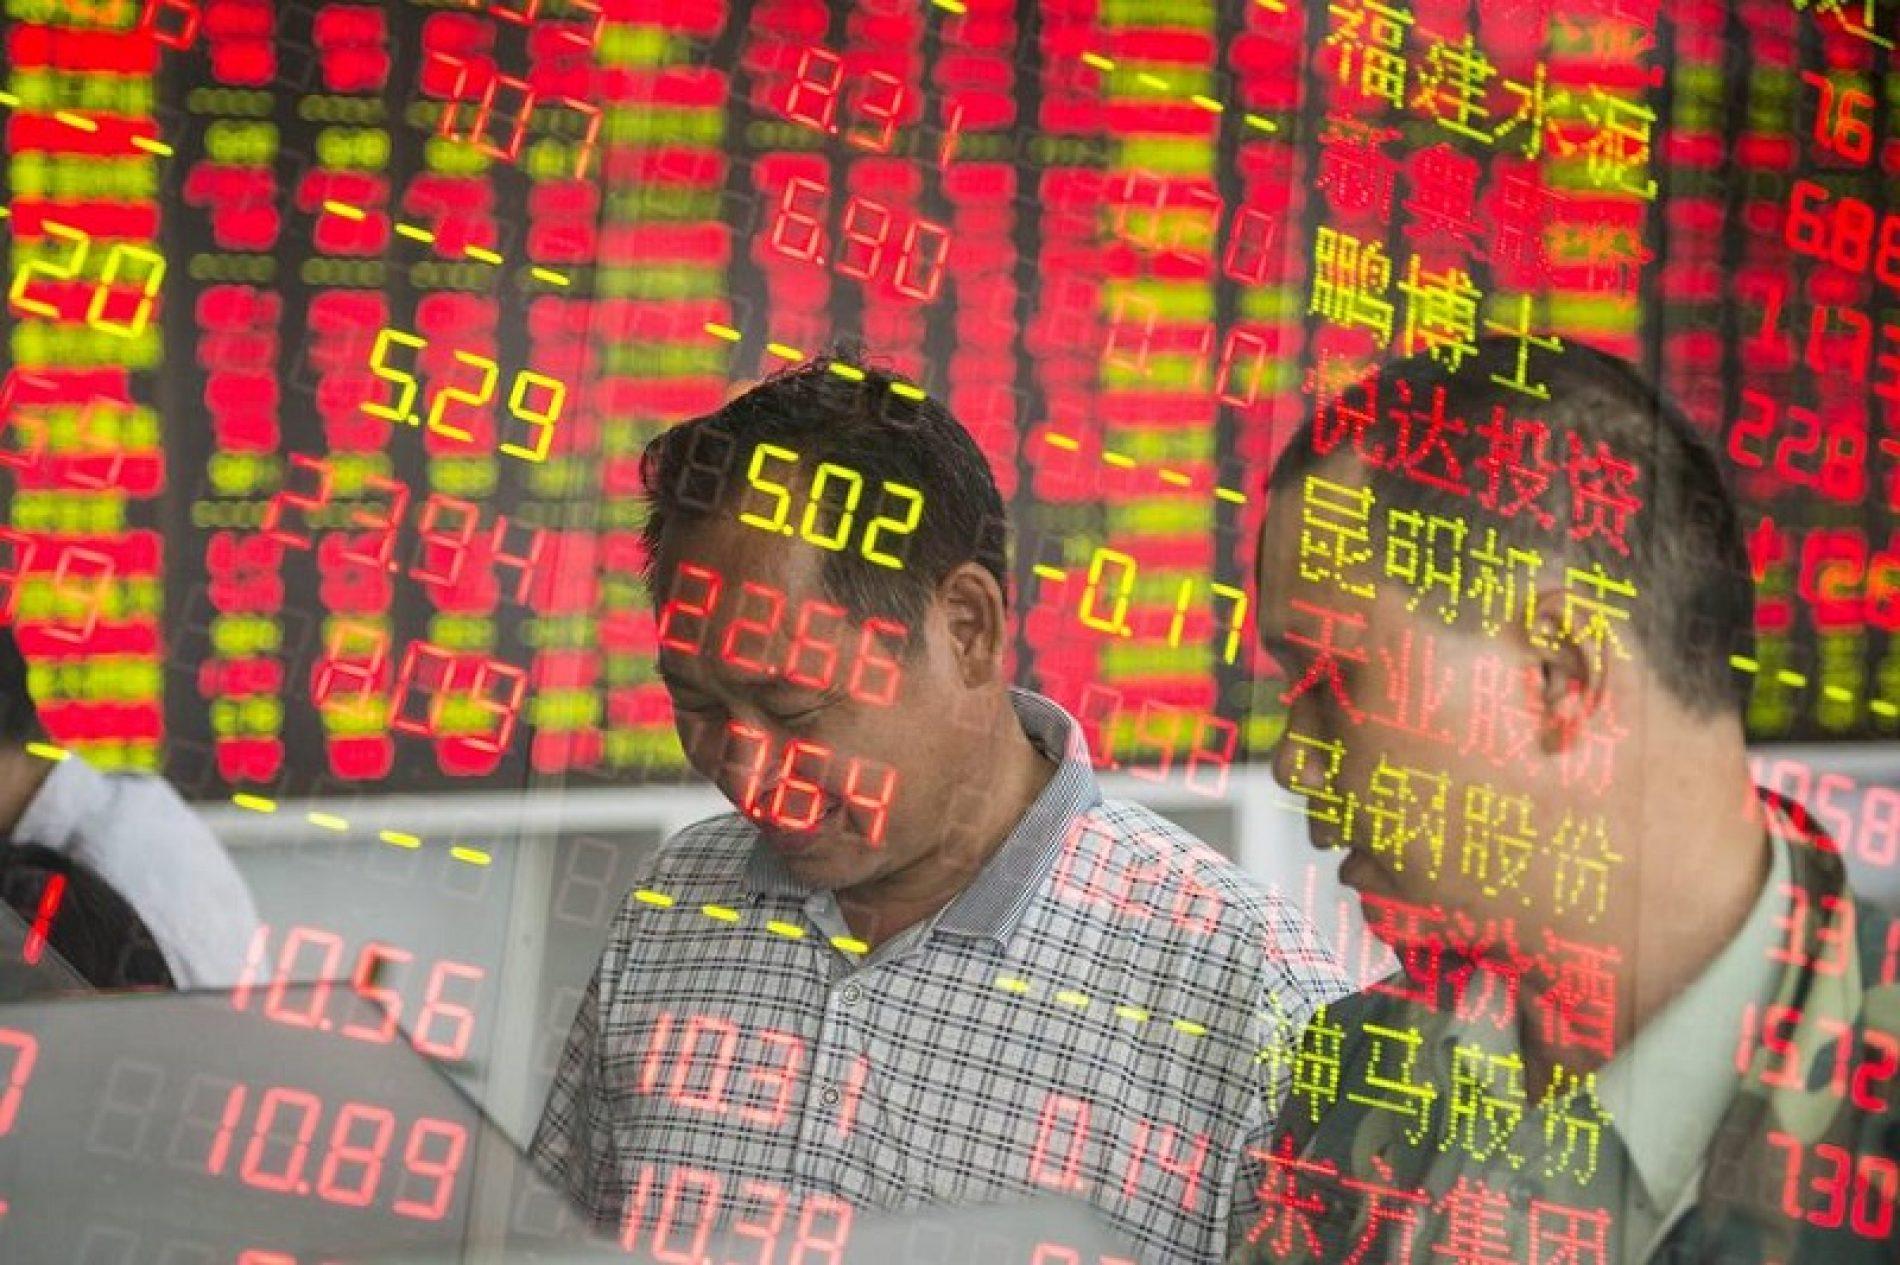 Azijska tržišta porasla: Povratak pregovorima donosi optimizam